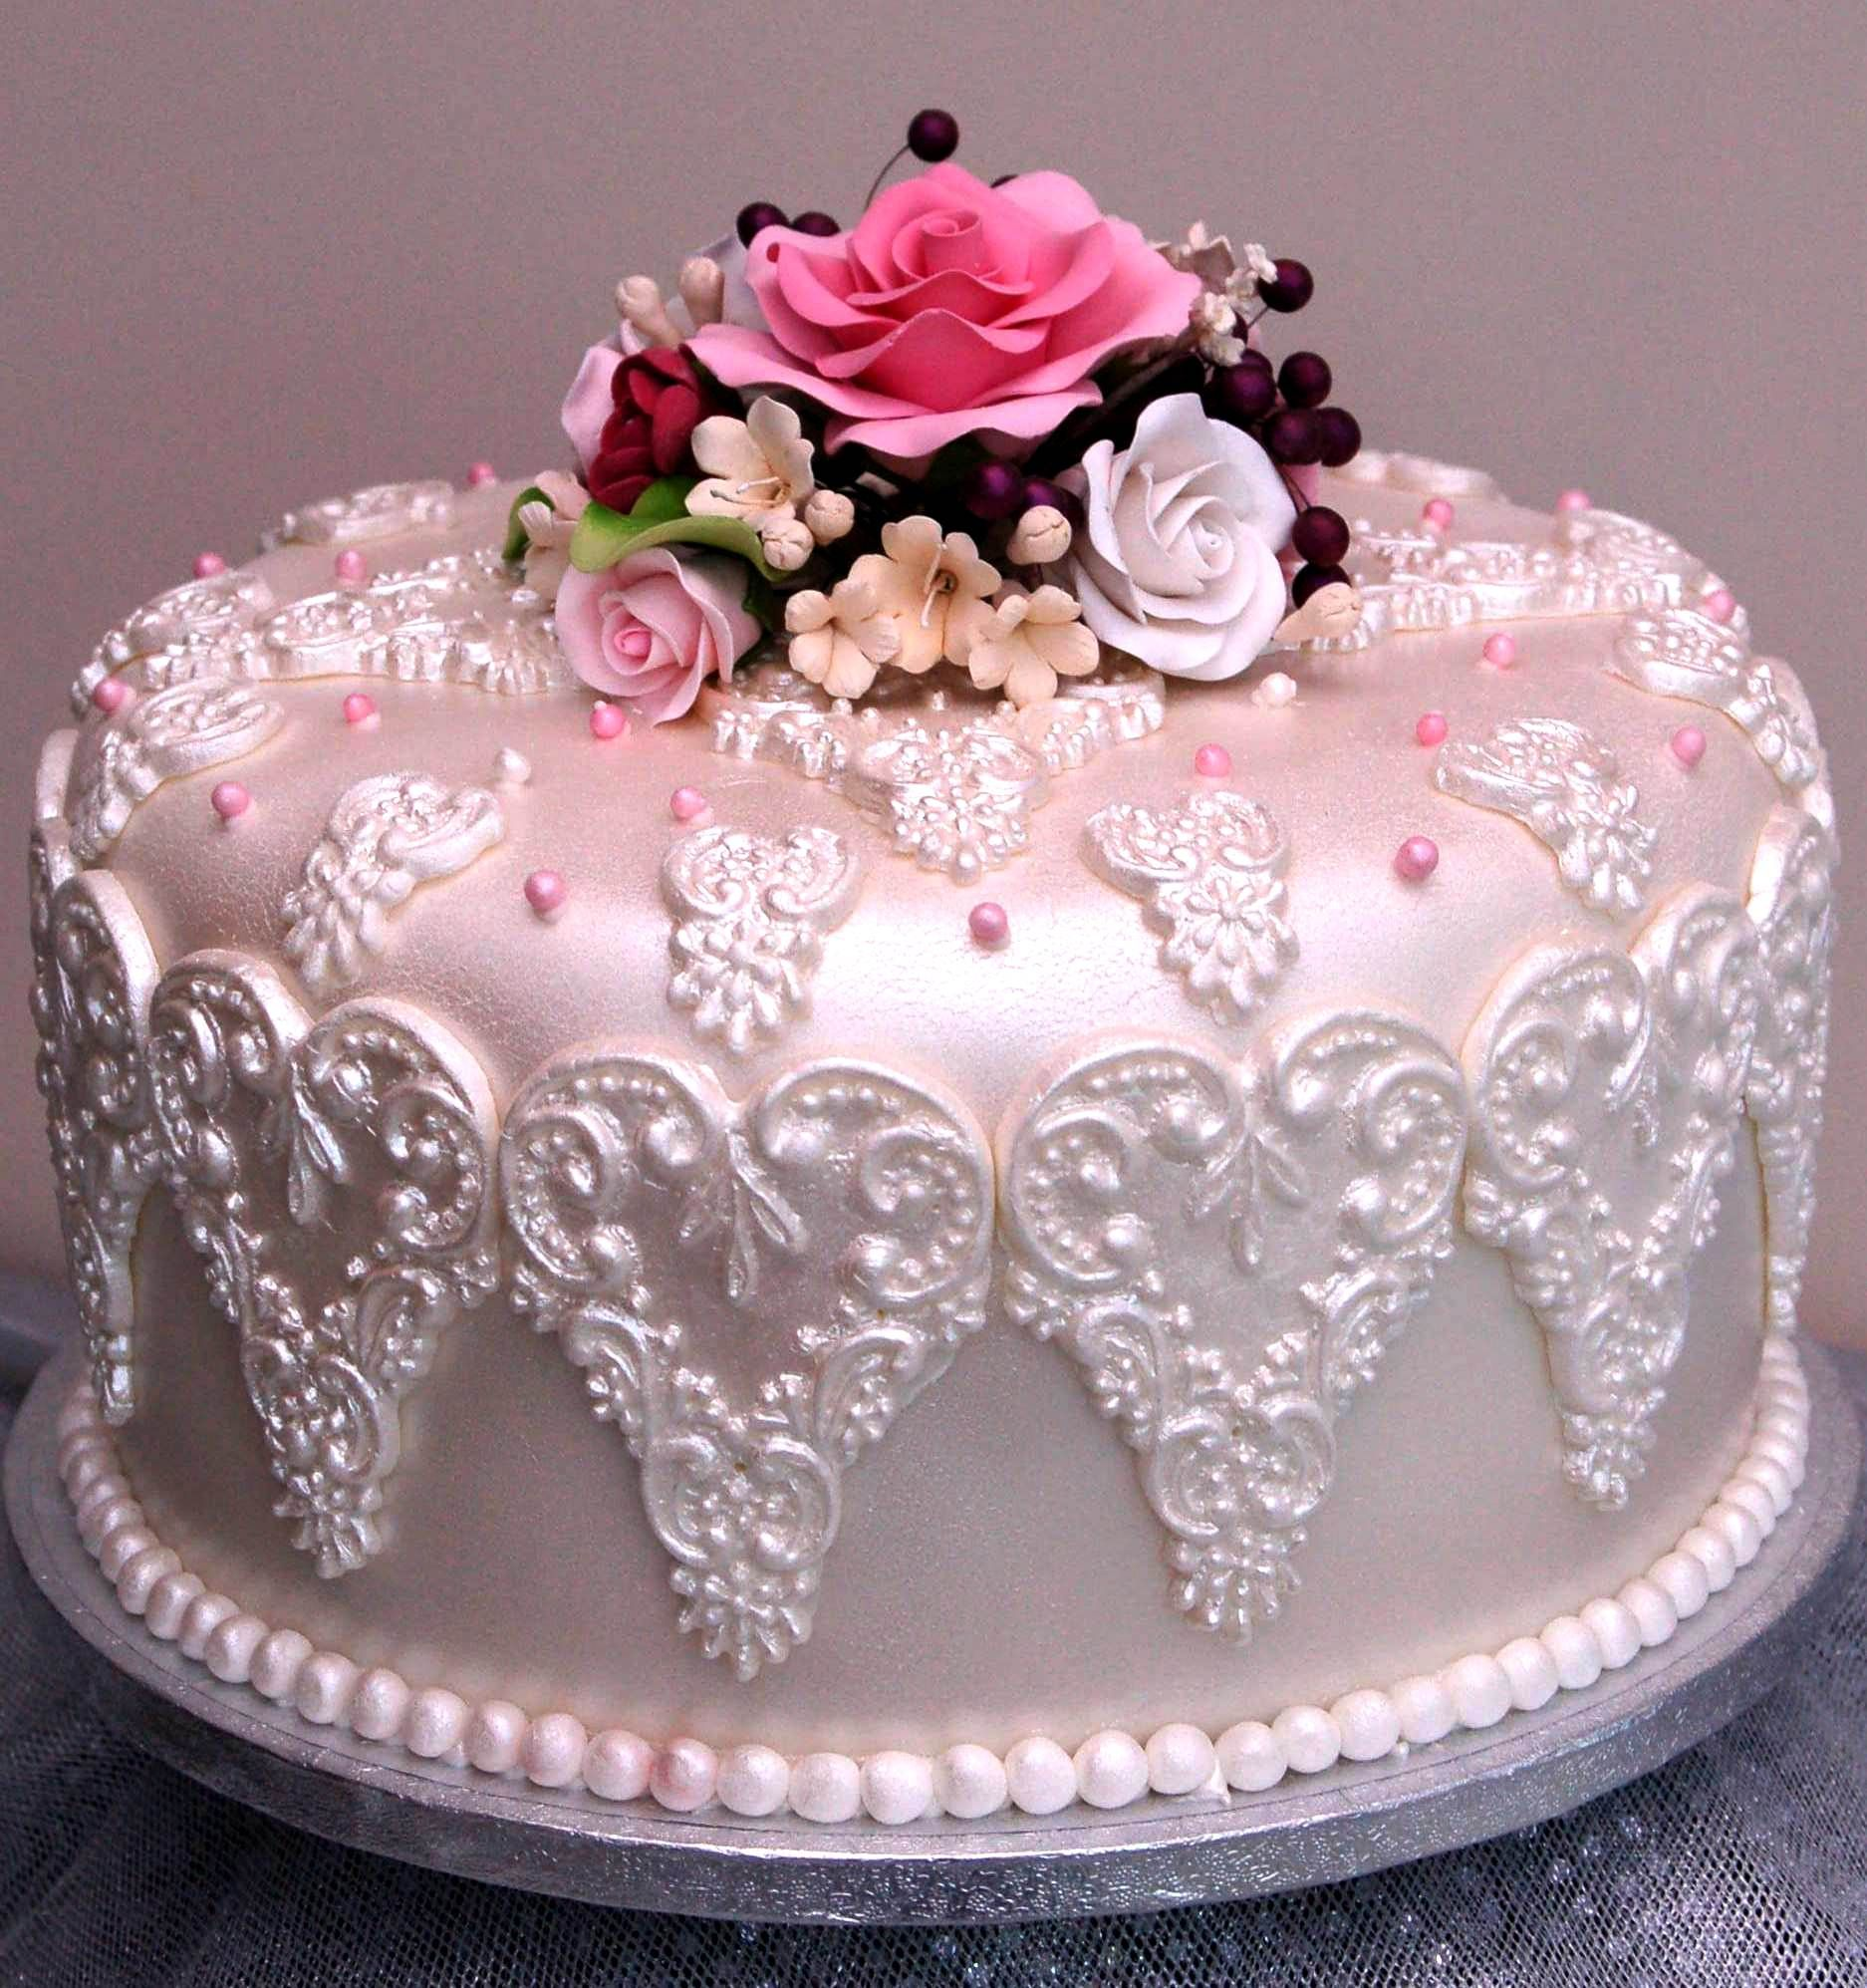 Lace Birthday Cake - Braehead Cakes